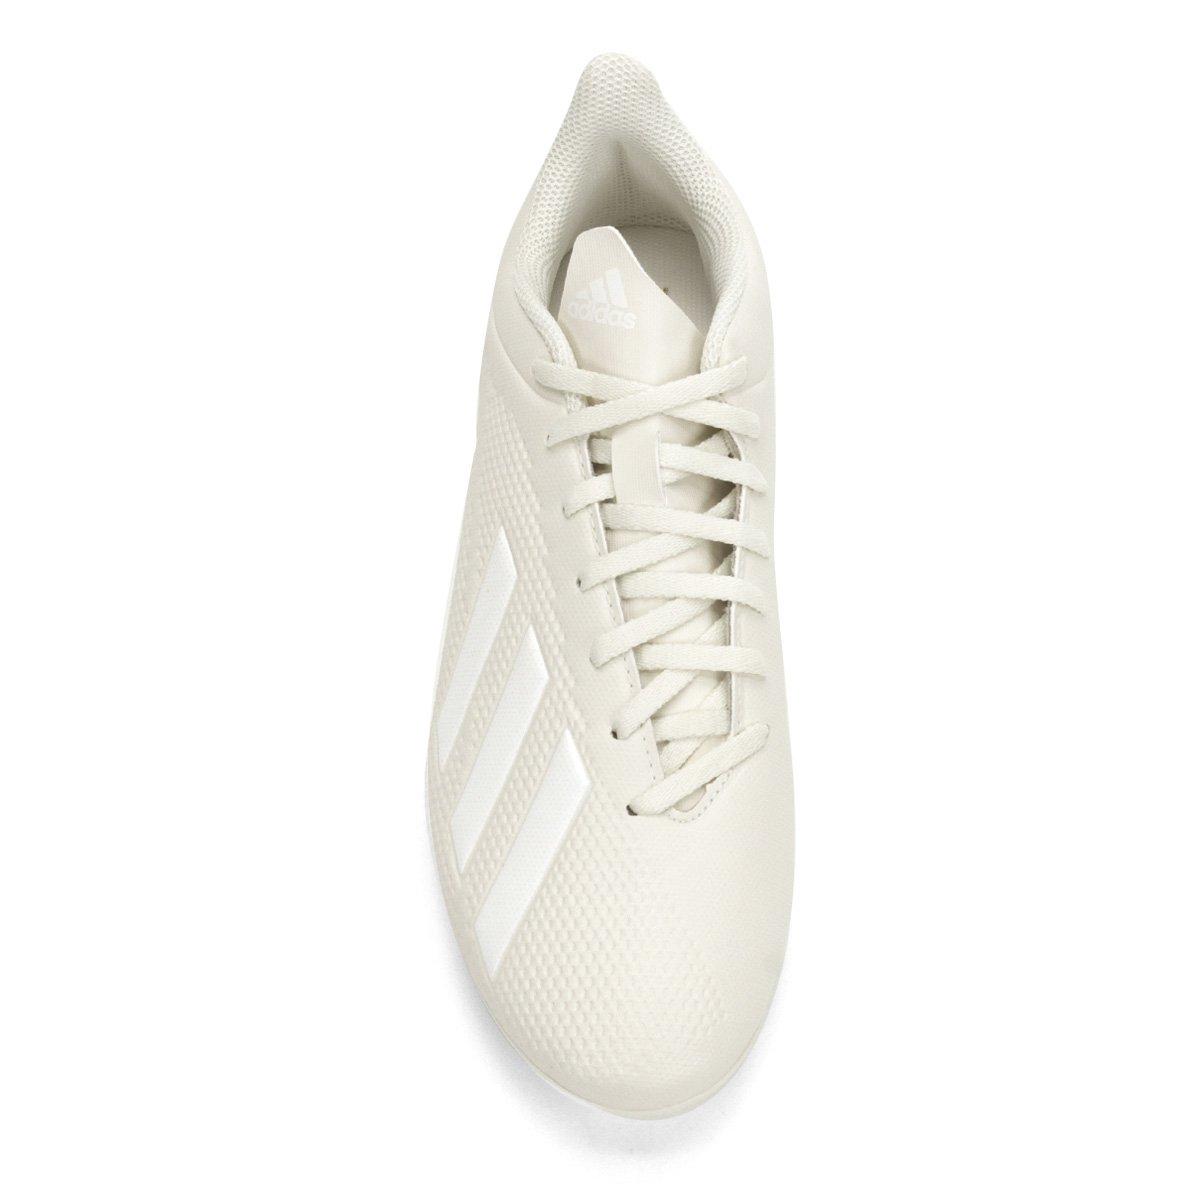 81ab5ebeb4 Chuteira Campo Adidas X 18 4 FG - Branco - Compre Agora